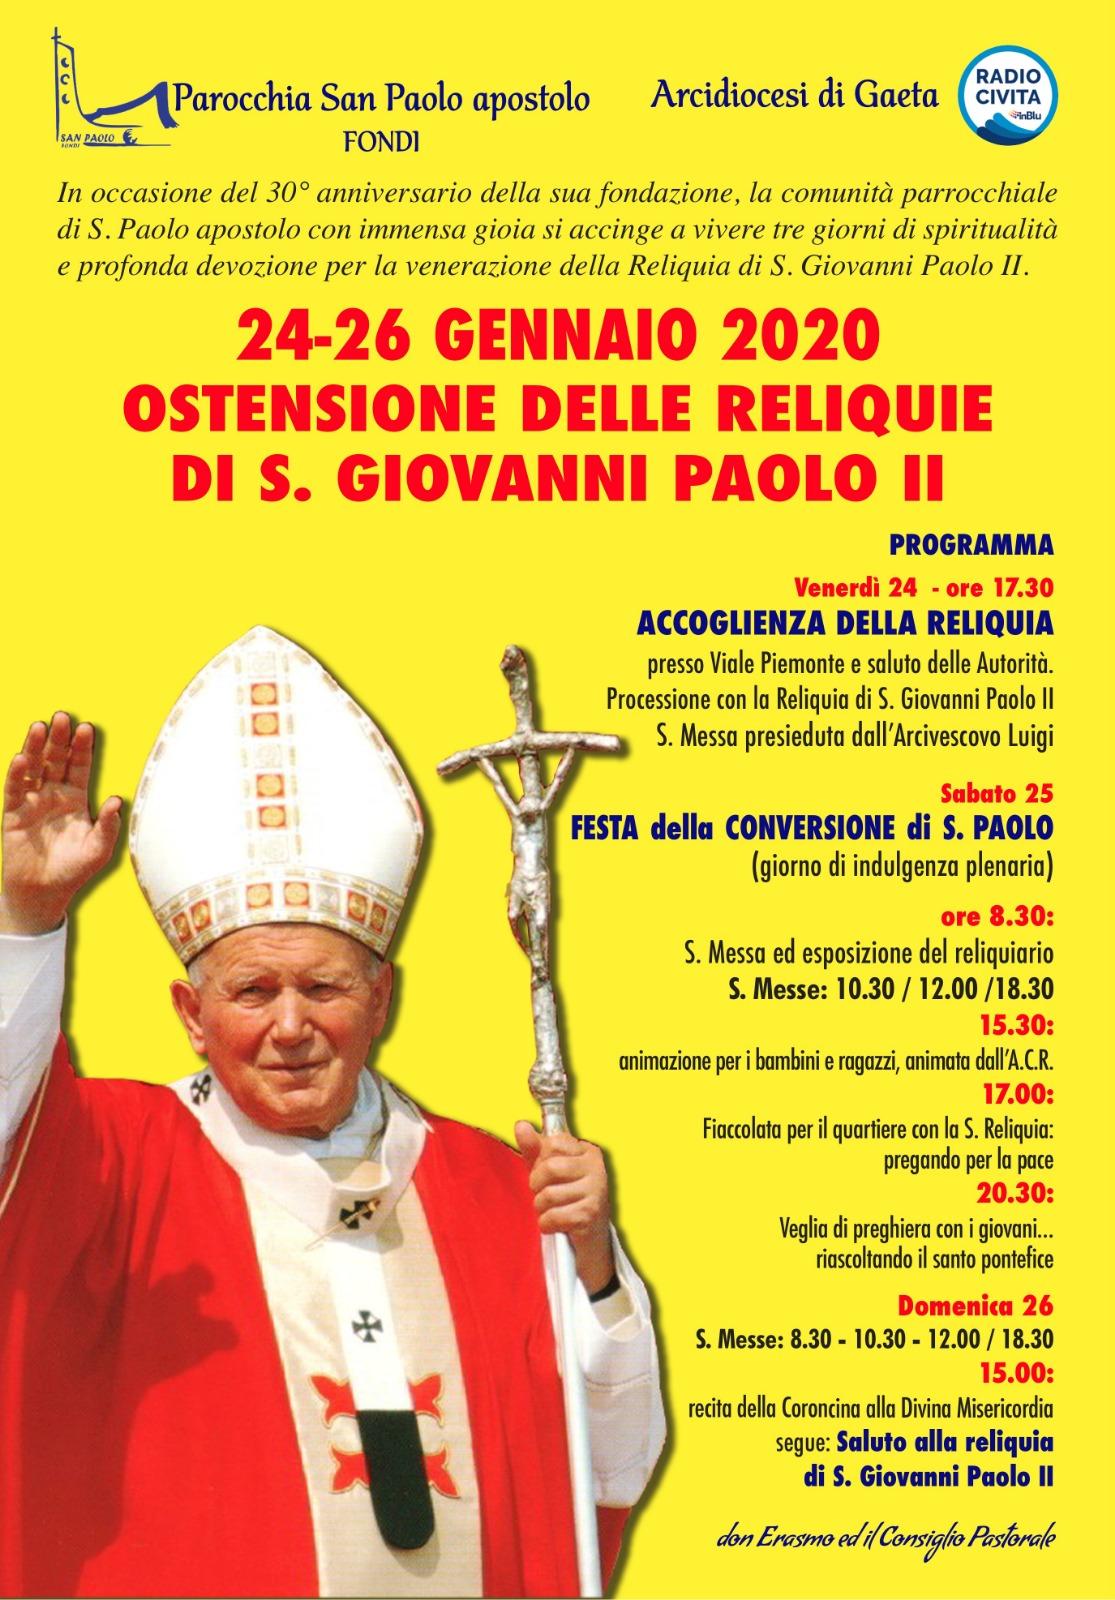 Ostensione  Reliquia di S. Giovanni Paolo II Parrocchia San Paolo Fondi.jpeg